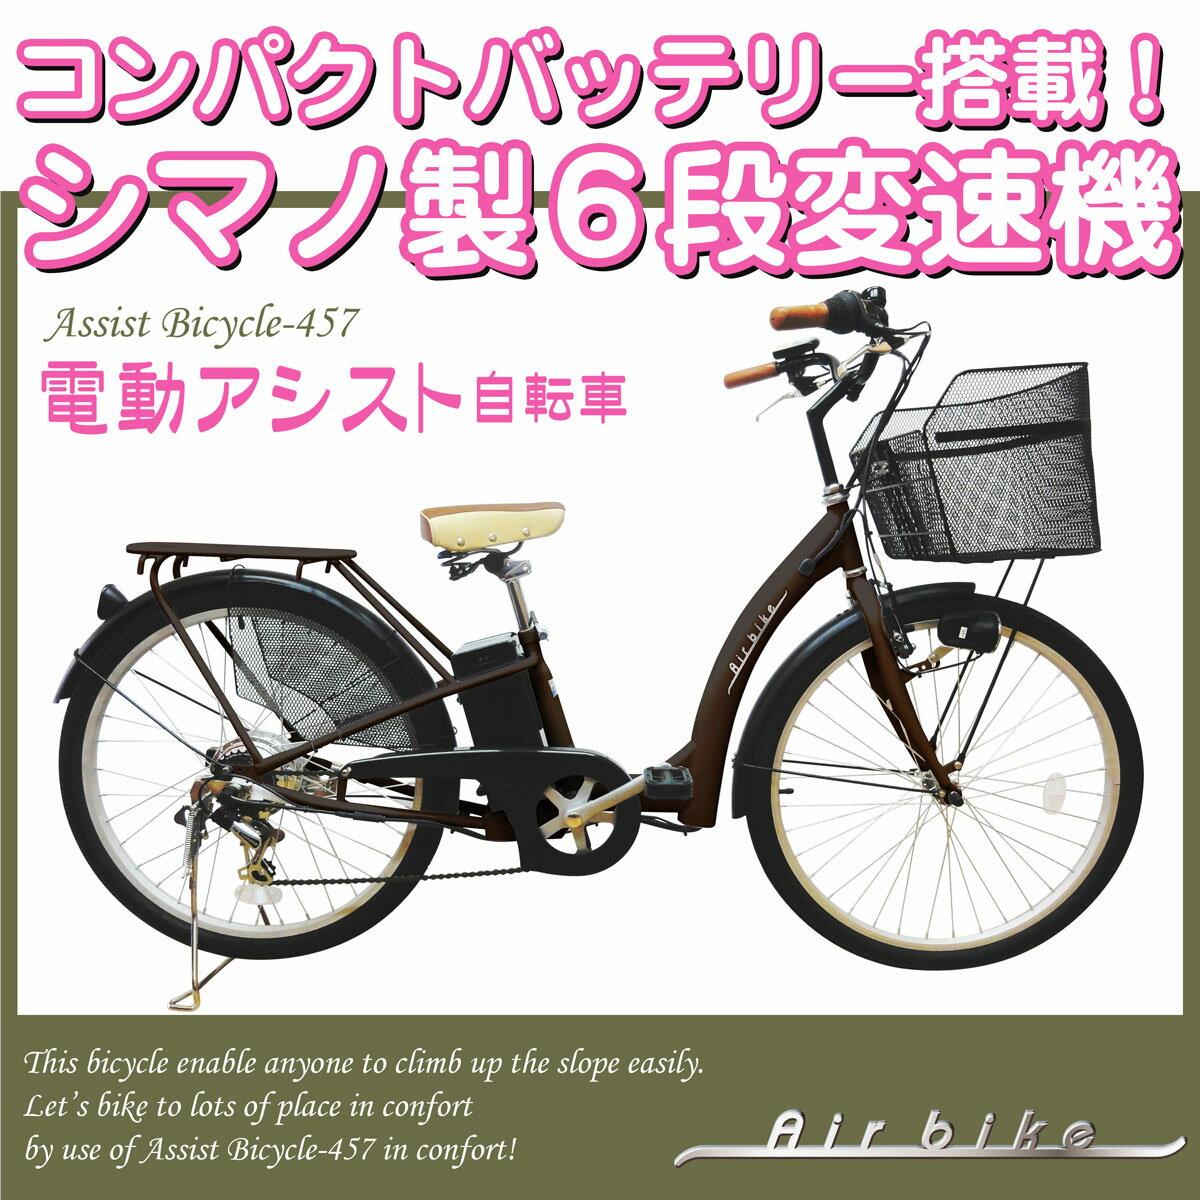 電動自転車 26インチ 電動アシスト自転車457 (シマノ製6段変速機搭載 電気自転車 Airbike)【完成車で発送可能!】